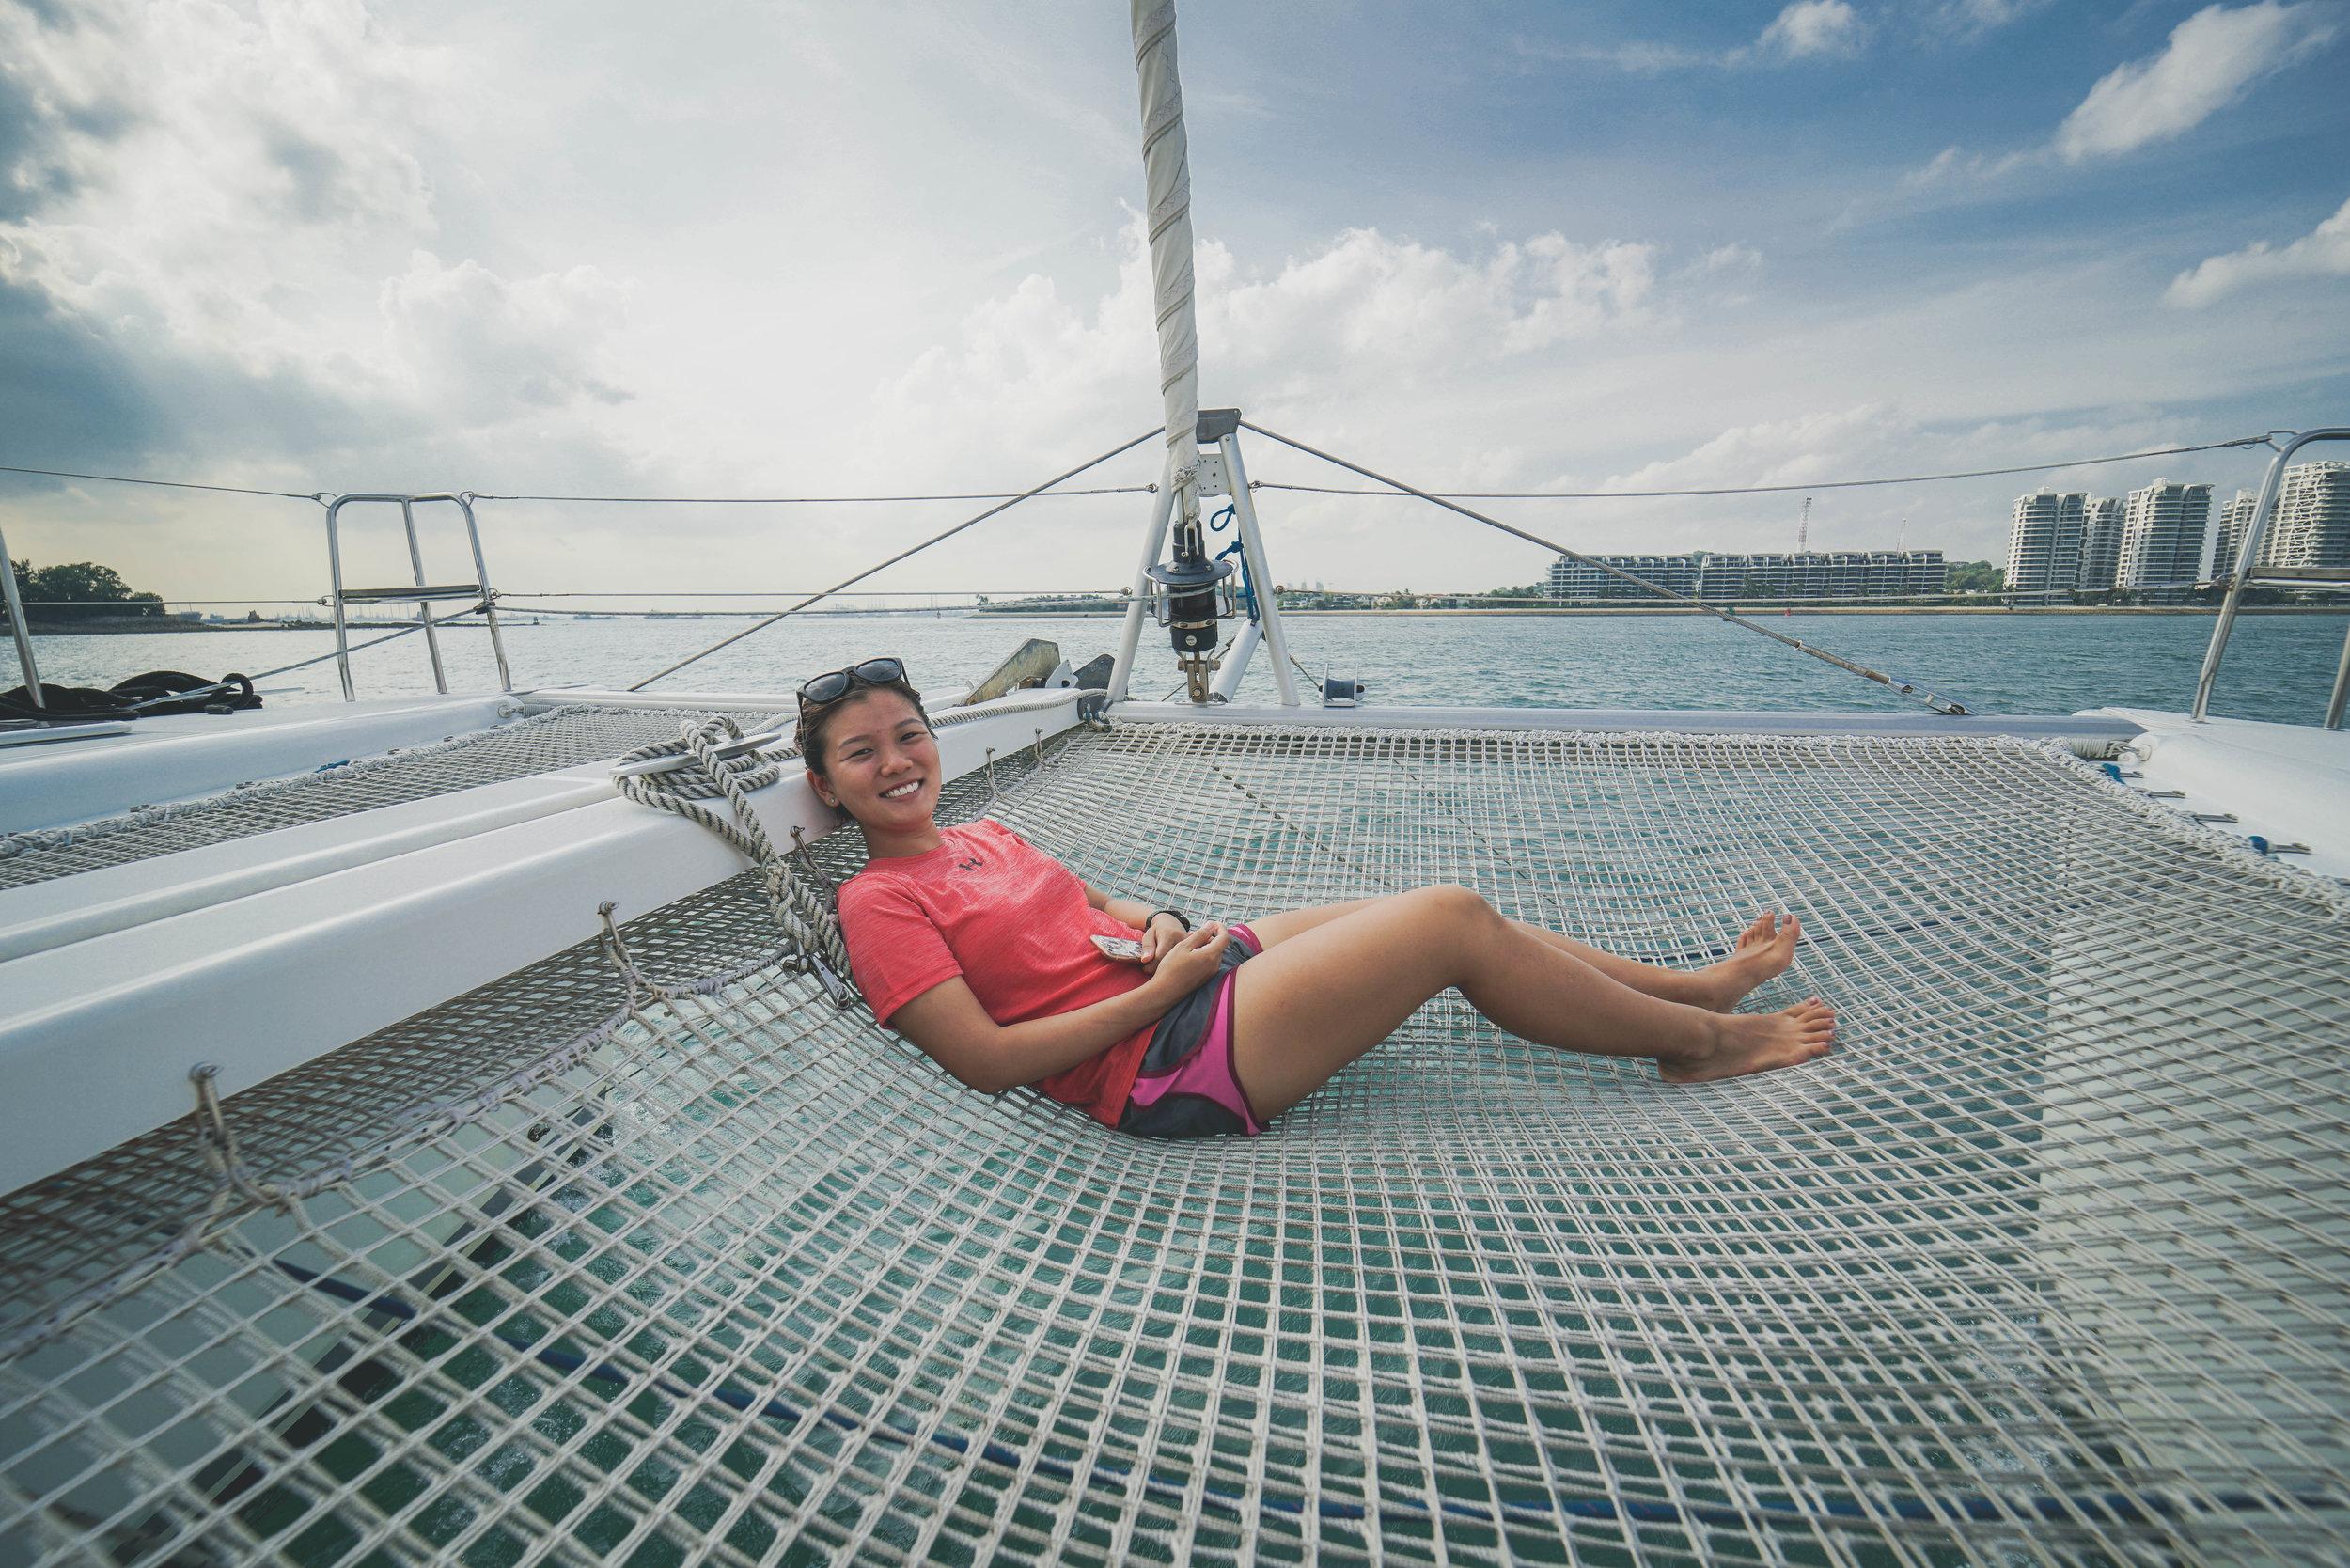 3 Front Deck - Ximula experiential sailing-1104.jpg